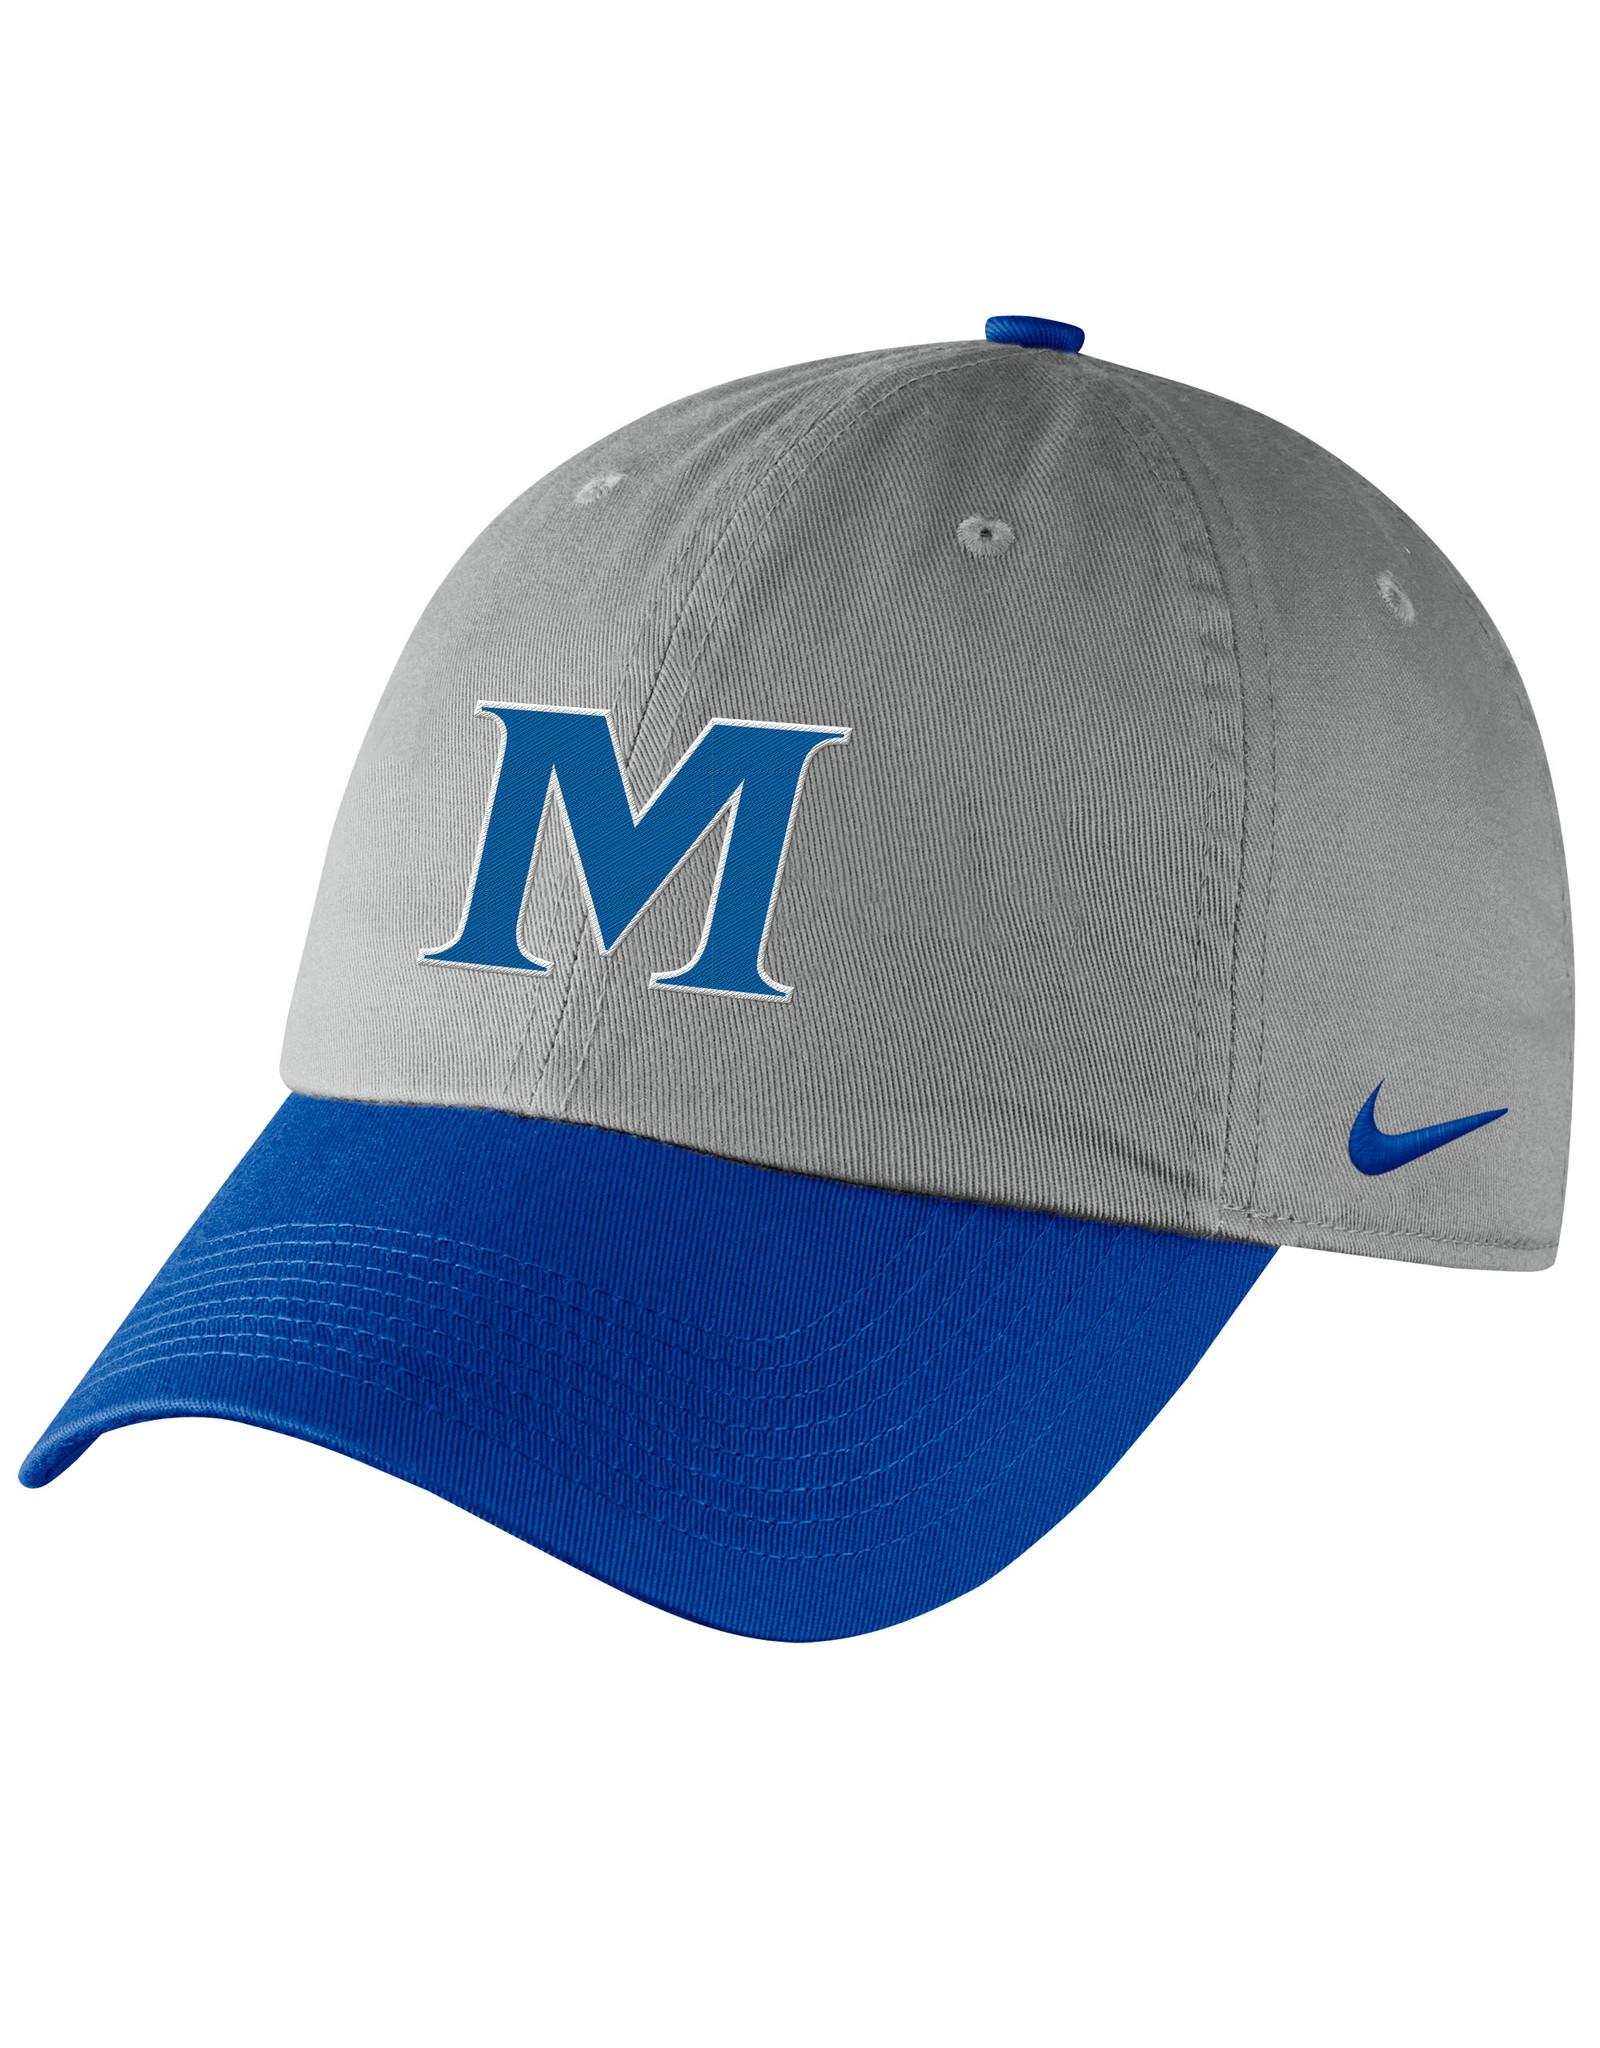 NIKE YOUTH ADVISOR CAP Pewter\Blue